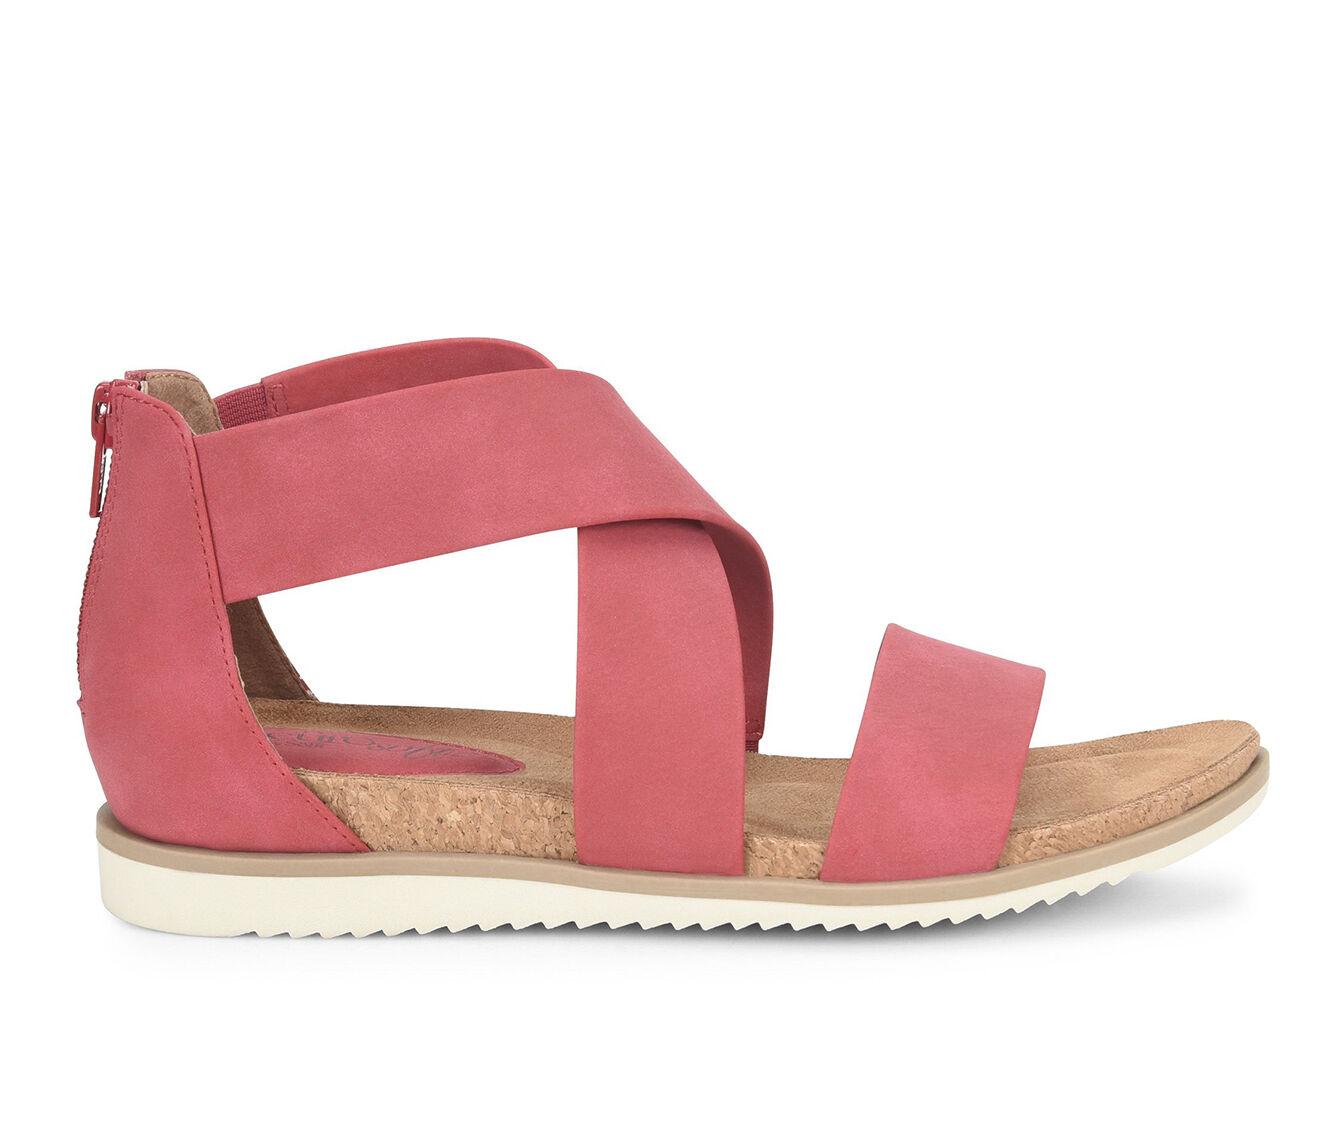 Low Cost Women's EuroSoft Landry II Sandals Red